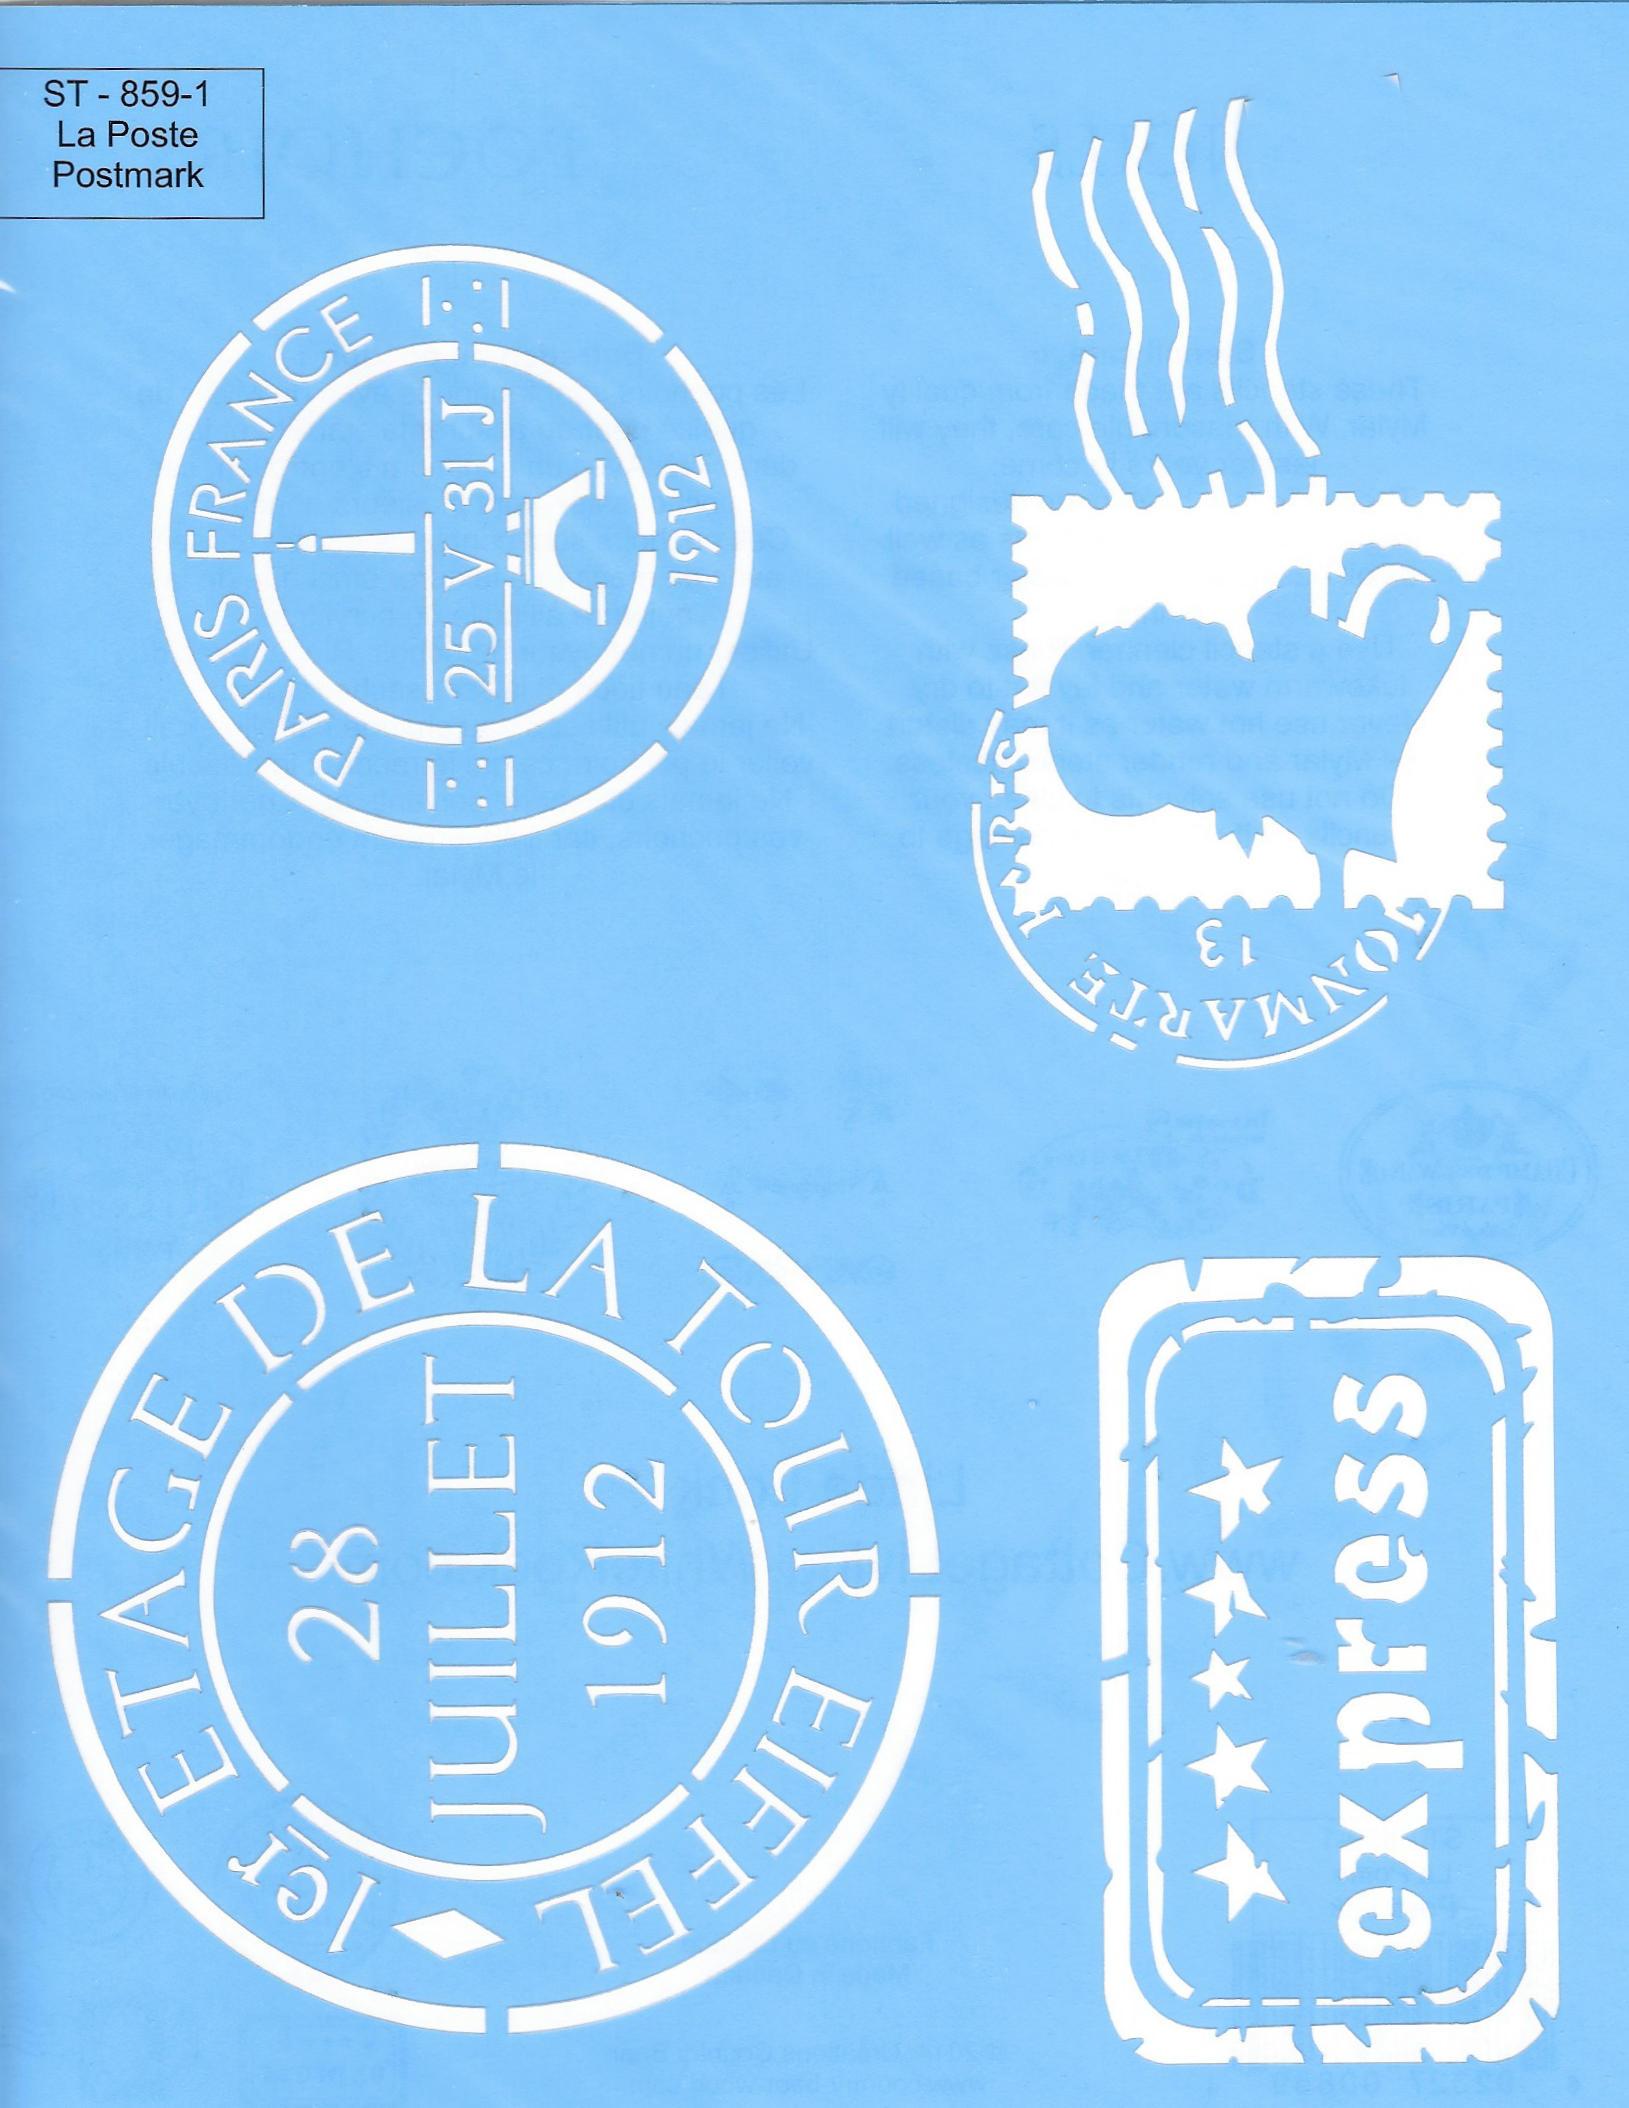 st-859-1-postmarks.jpg